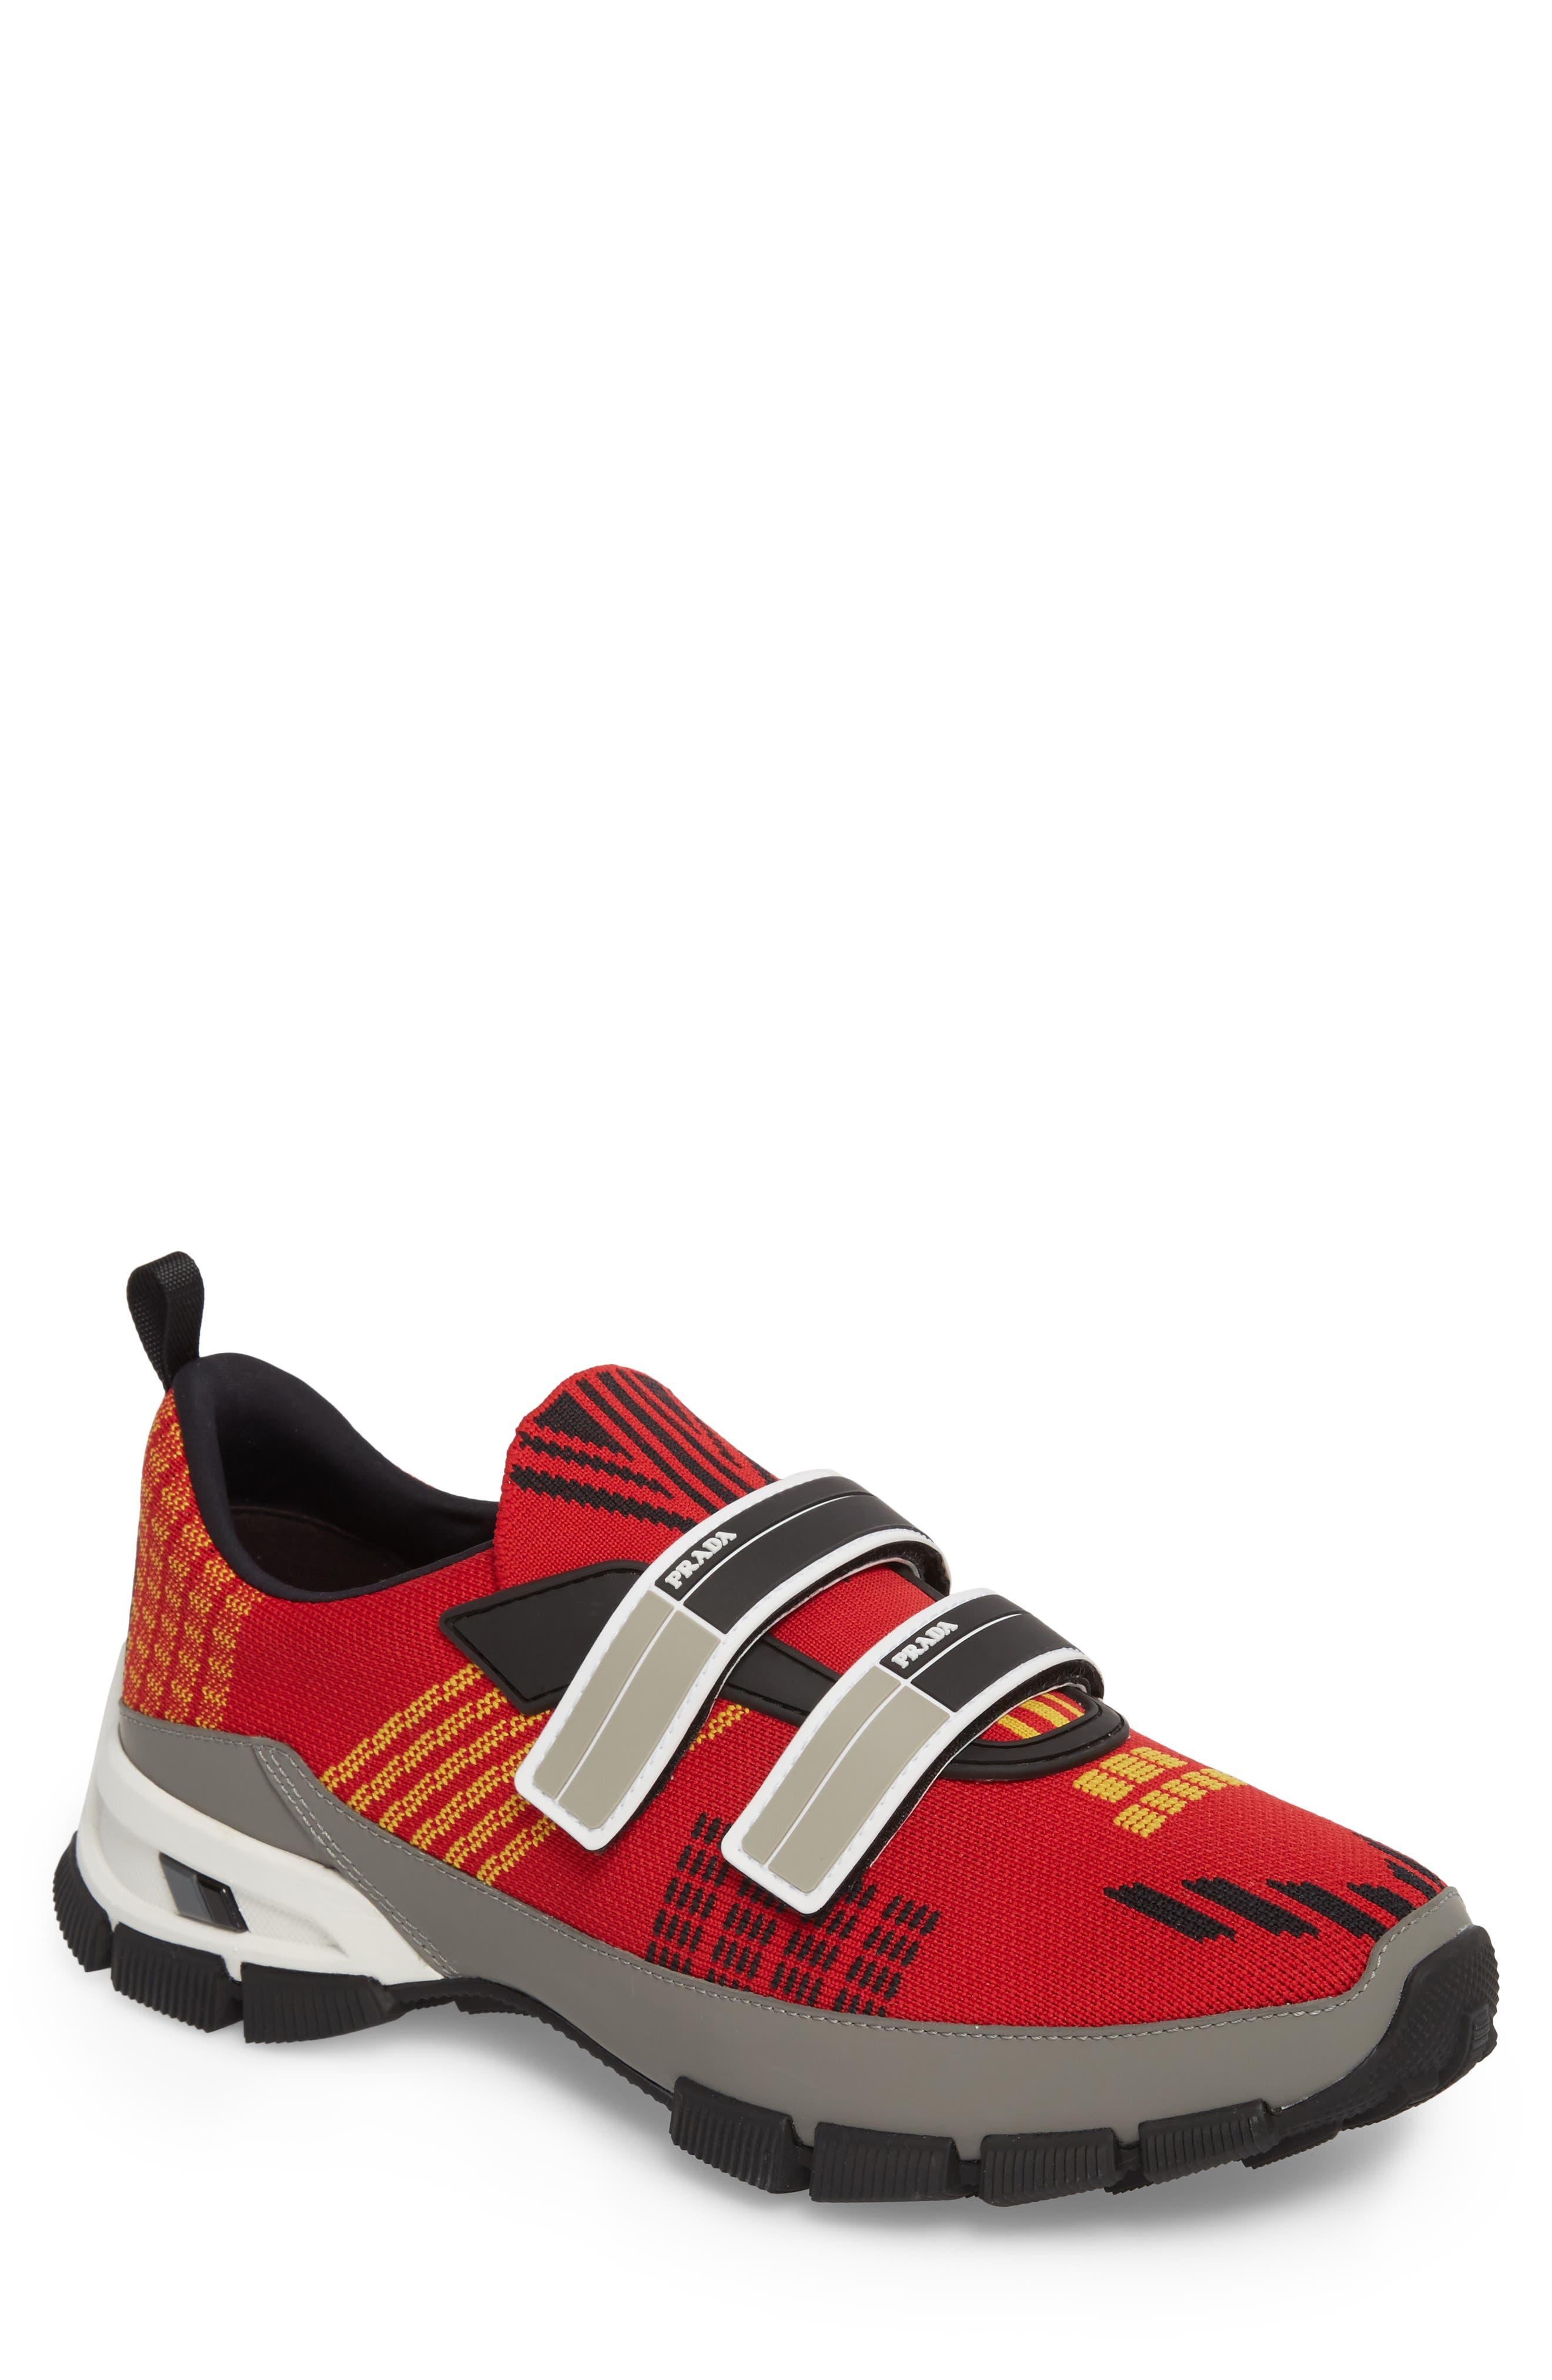 Linea Rossa Strap Sneaker,                         Main,                         color, Scarlatto Red